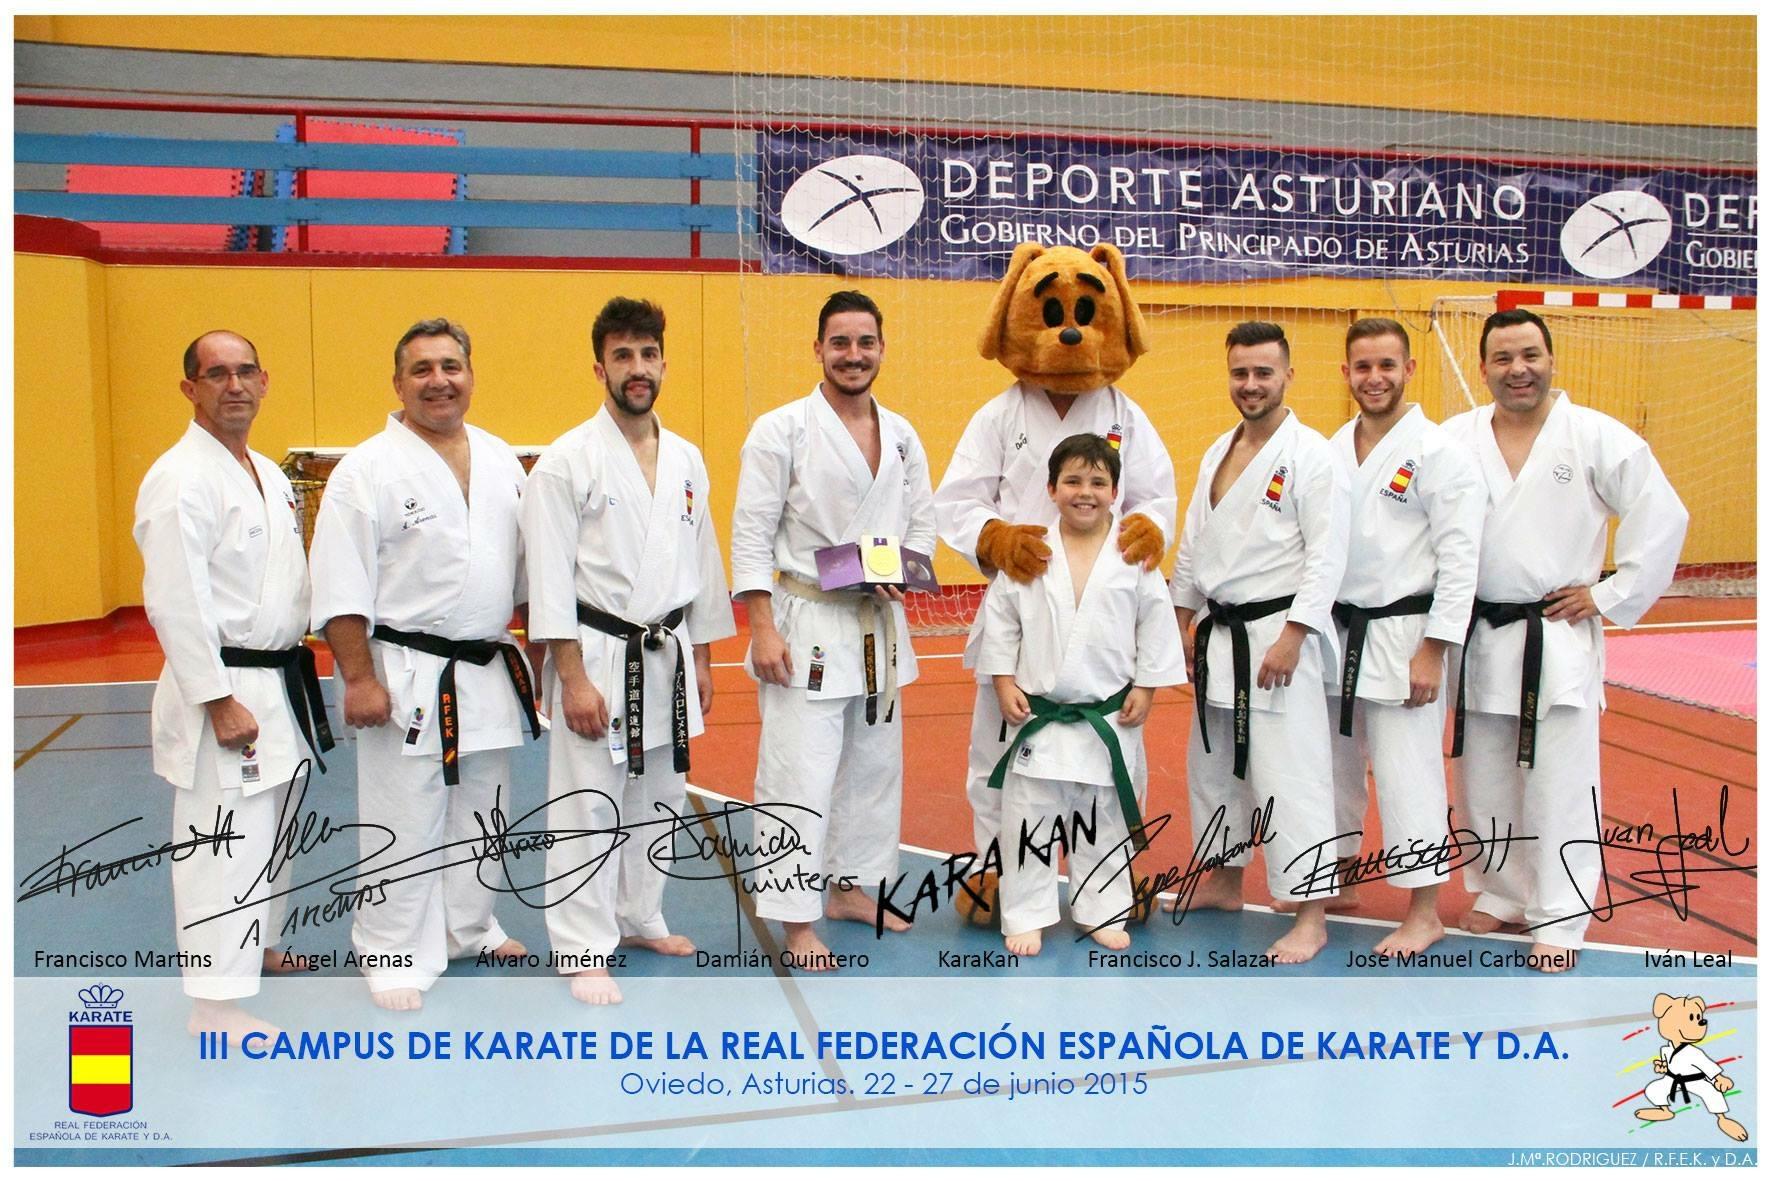 III Campus de la Real federación Española de Karate